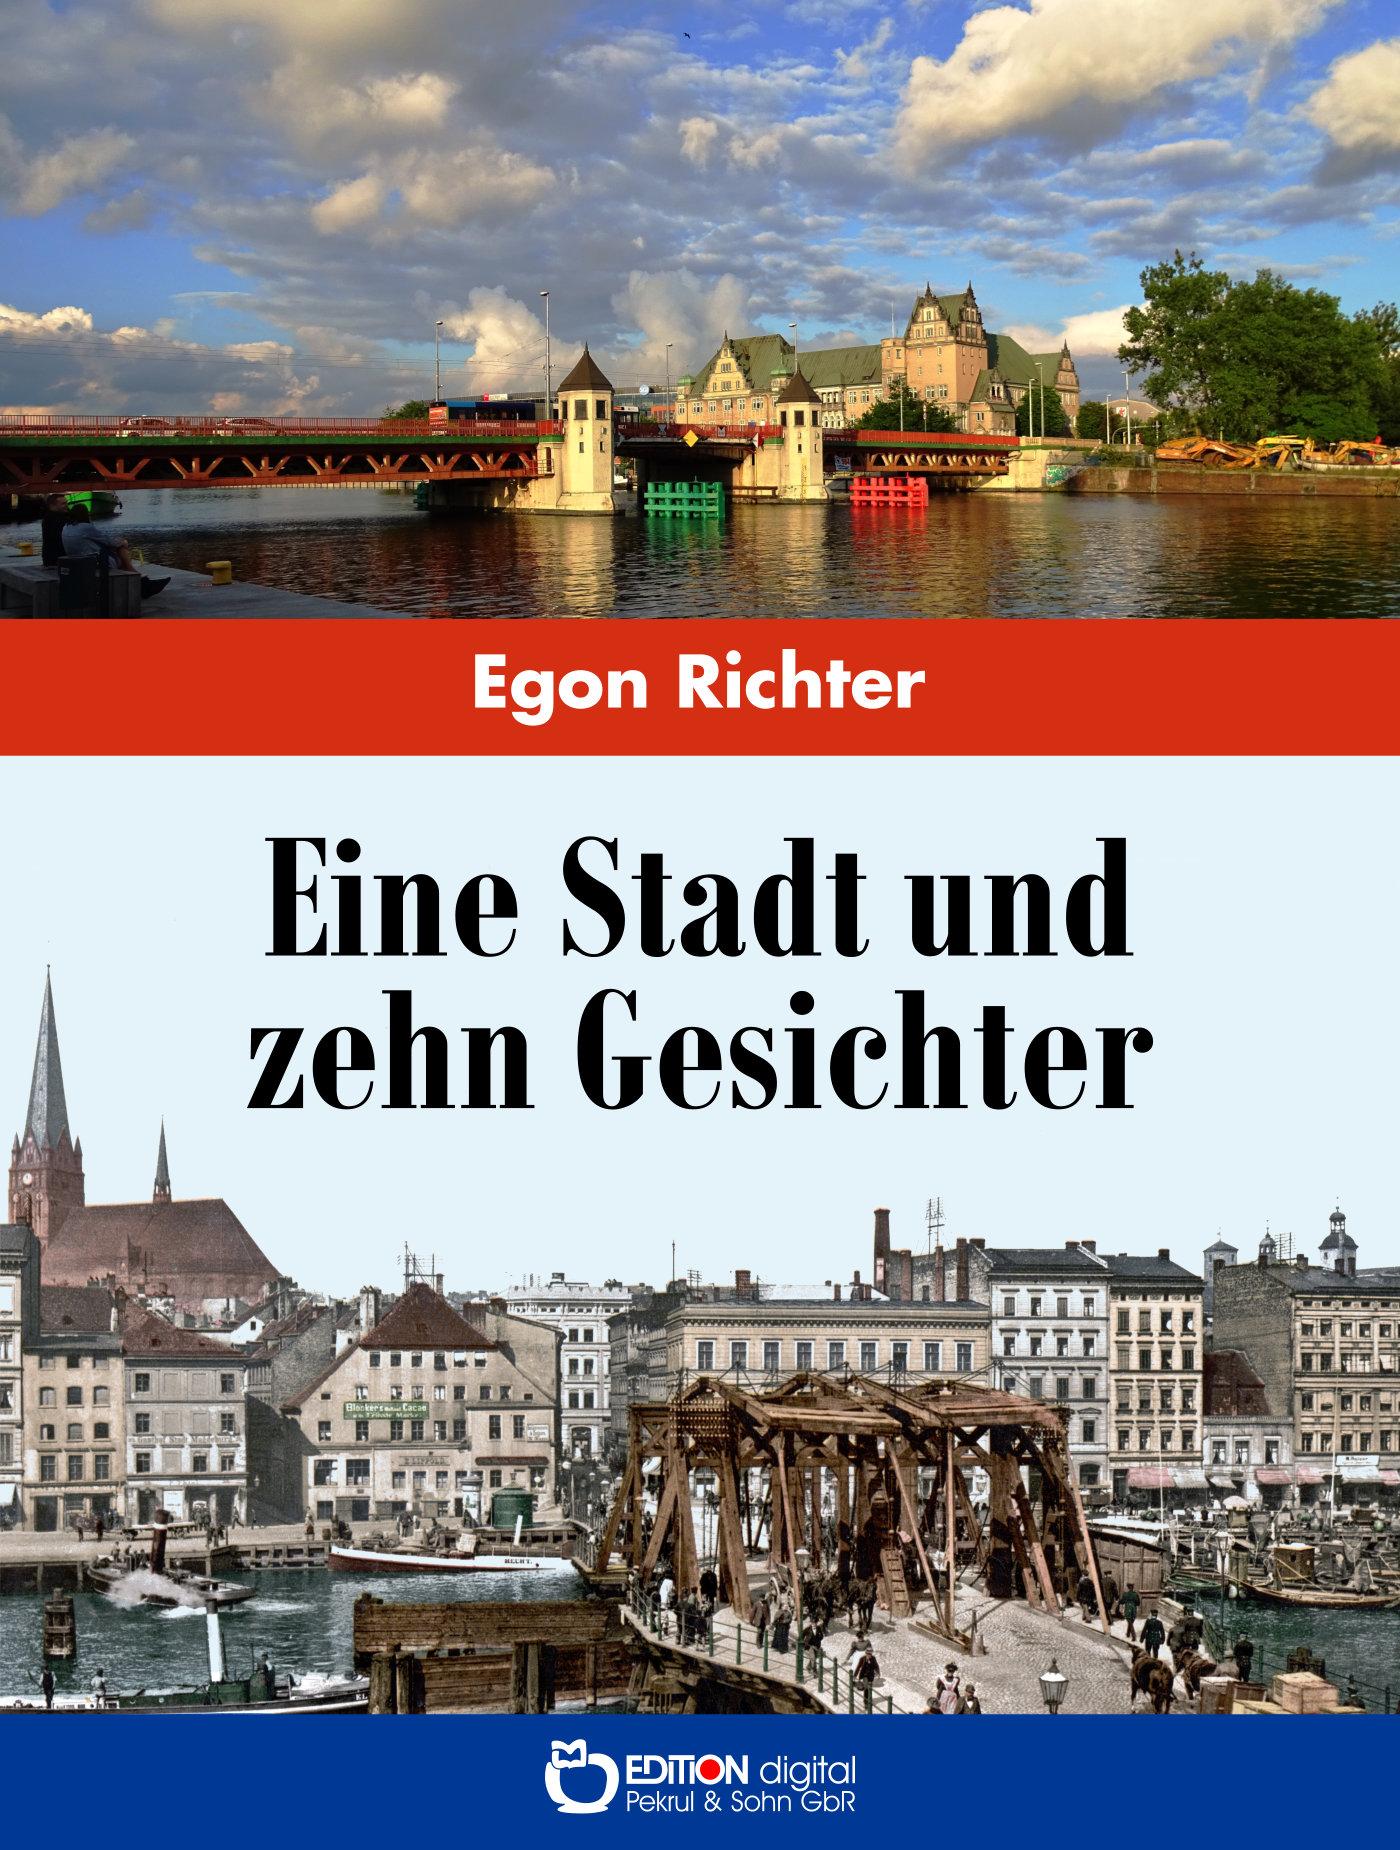 Eine Stadt und zehn Gesichter von Egon Richter